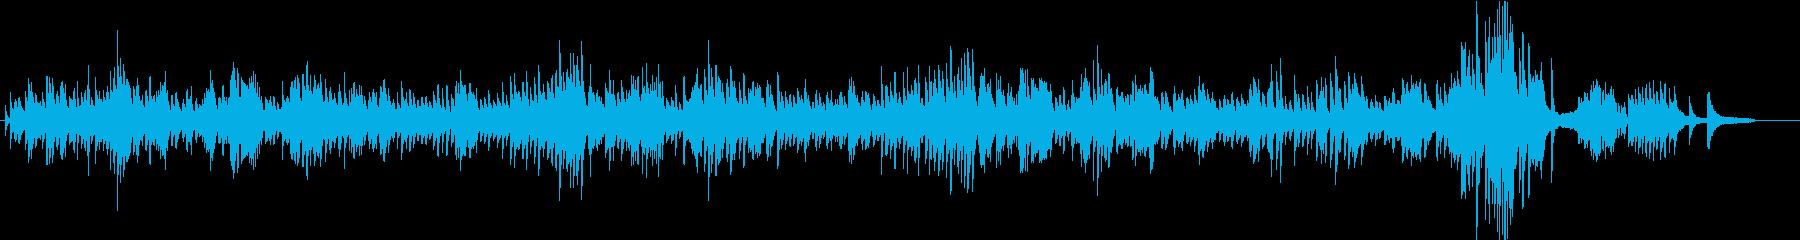 【ノクターン第2番】ピアノ・ショパンの再生済みの波形